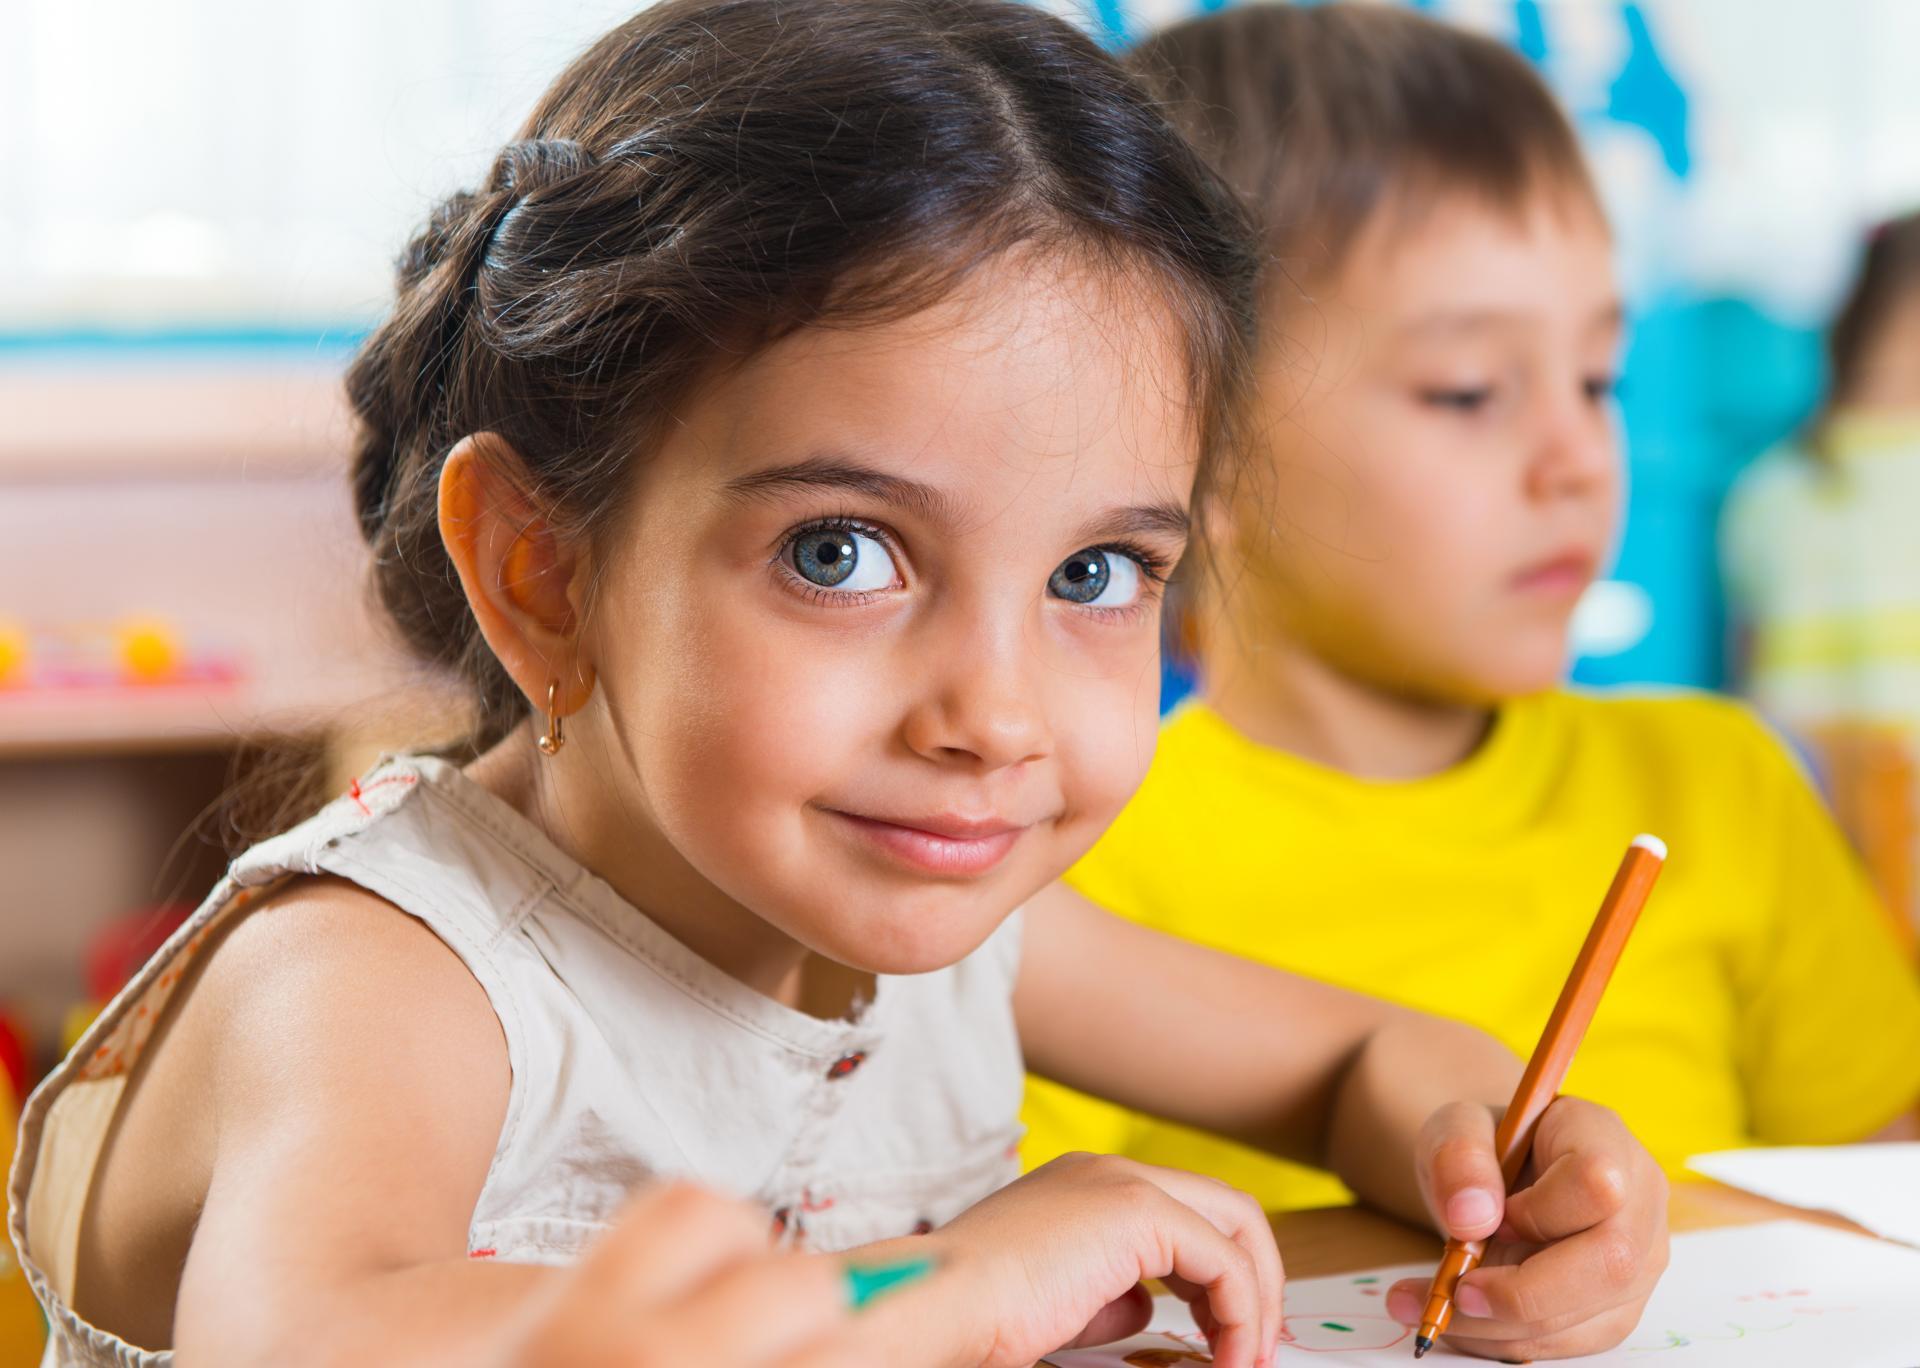 Как узнать больше о креативности ребёнка с помощью теста Торренса?